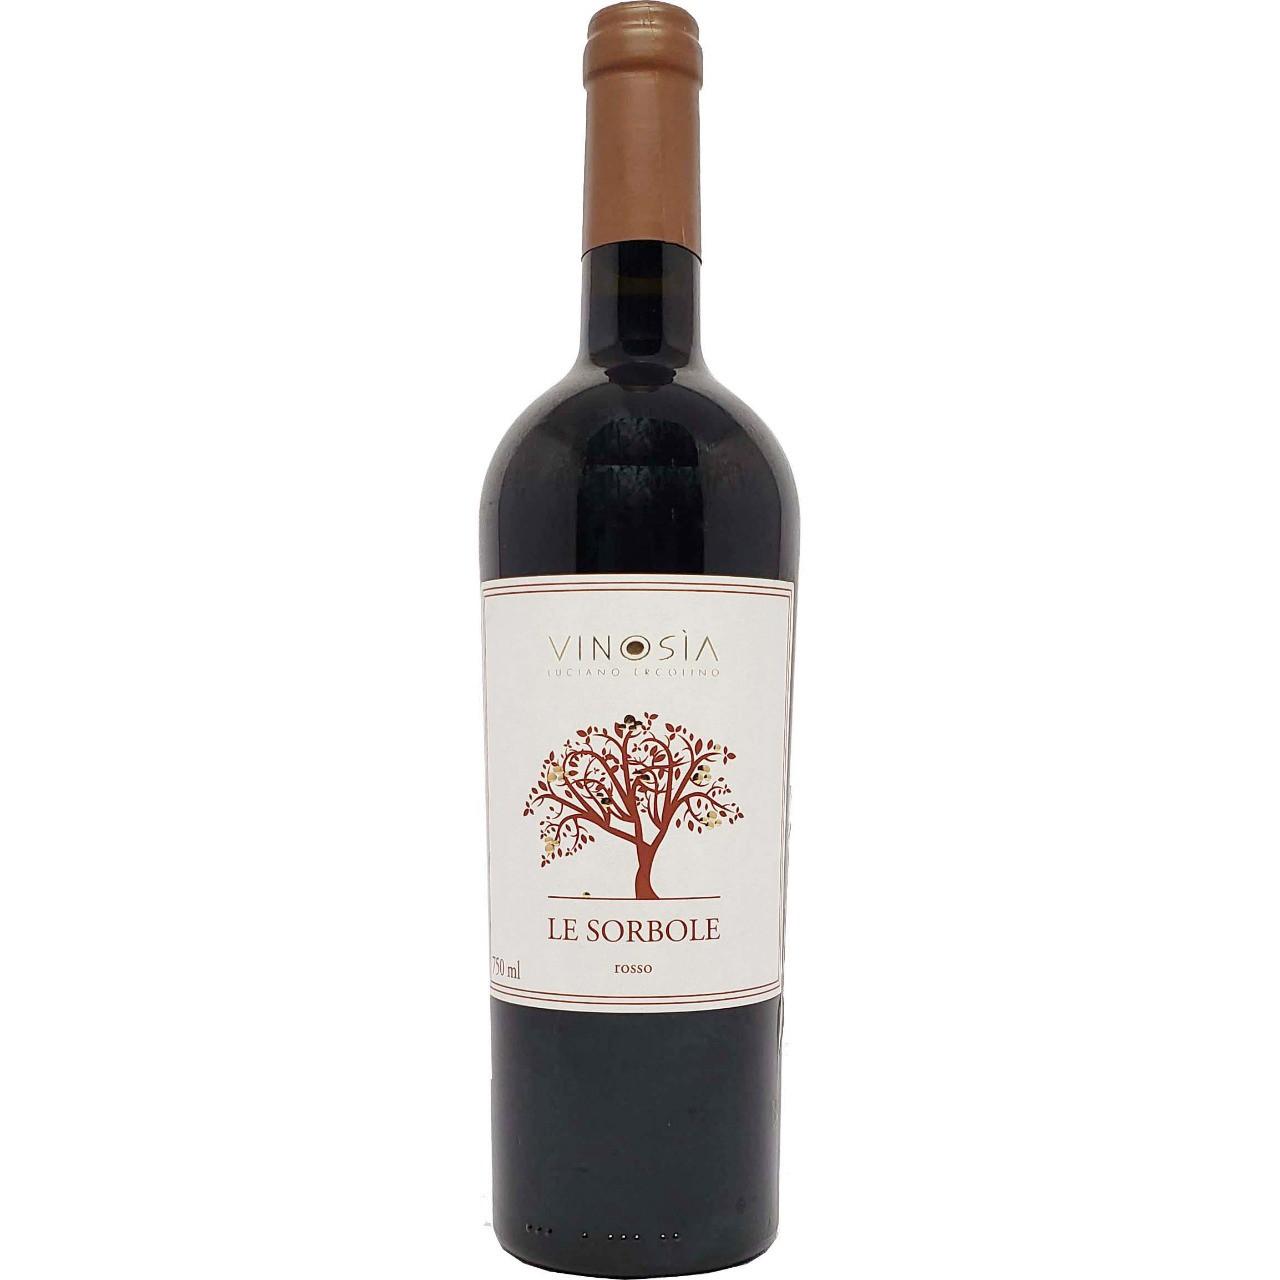 Vinho Tinto Le Sorbole Vinosia - 750ml -